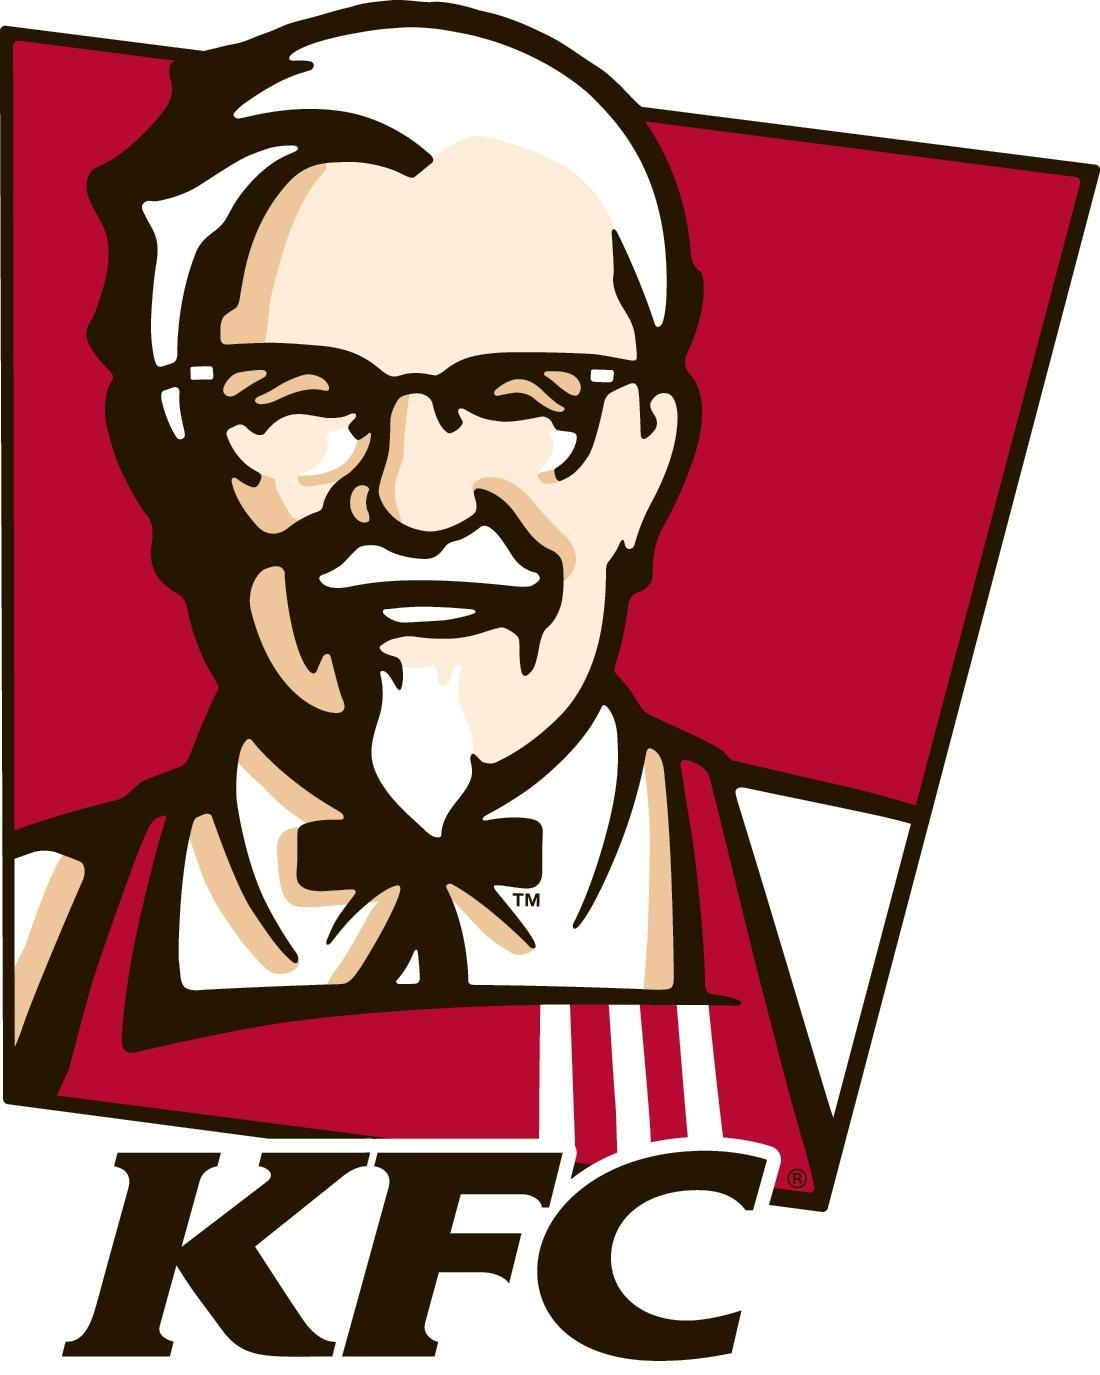 Third party assememt KFC